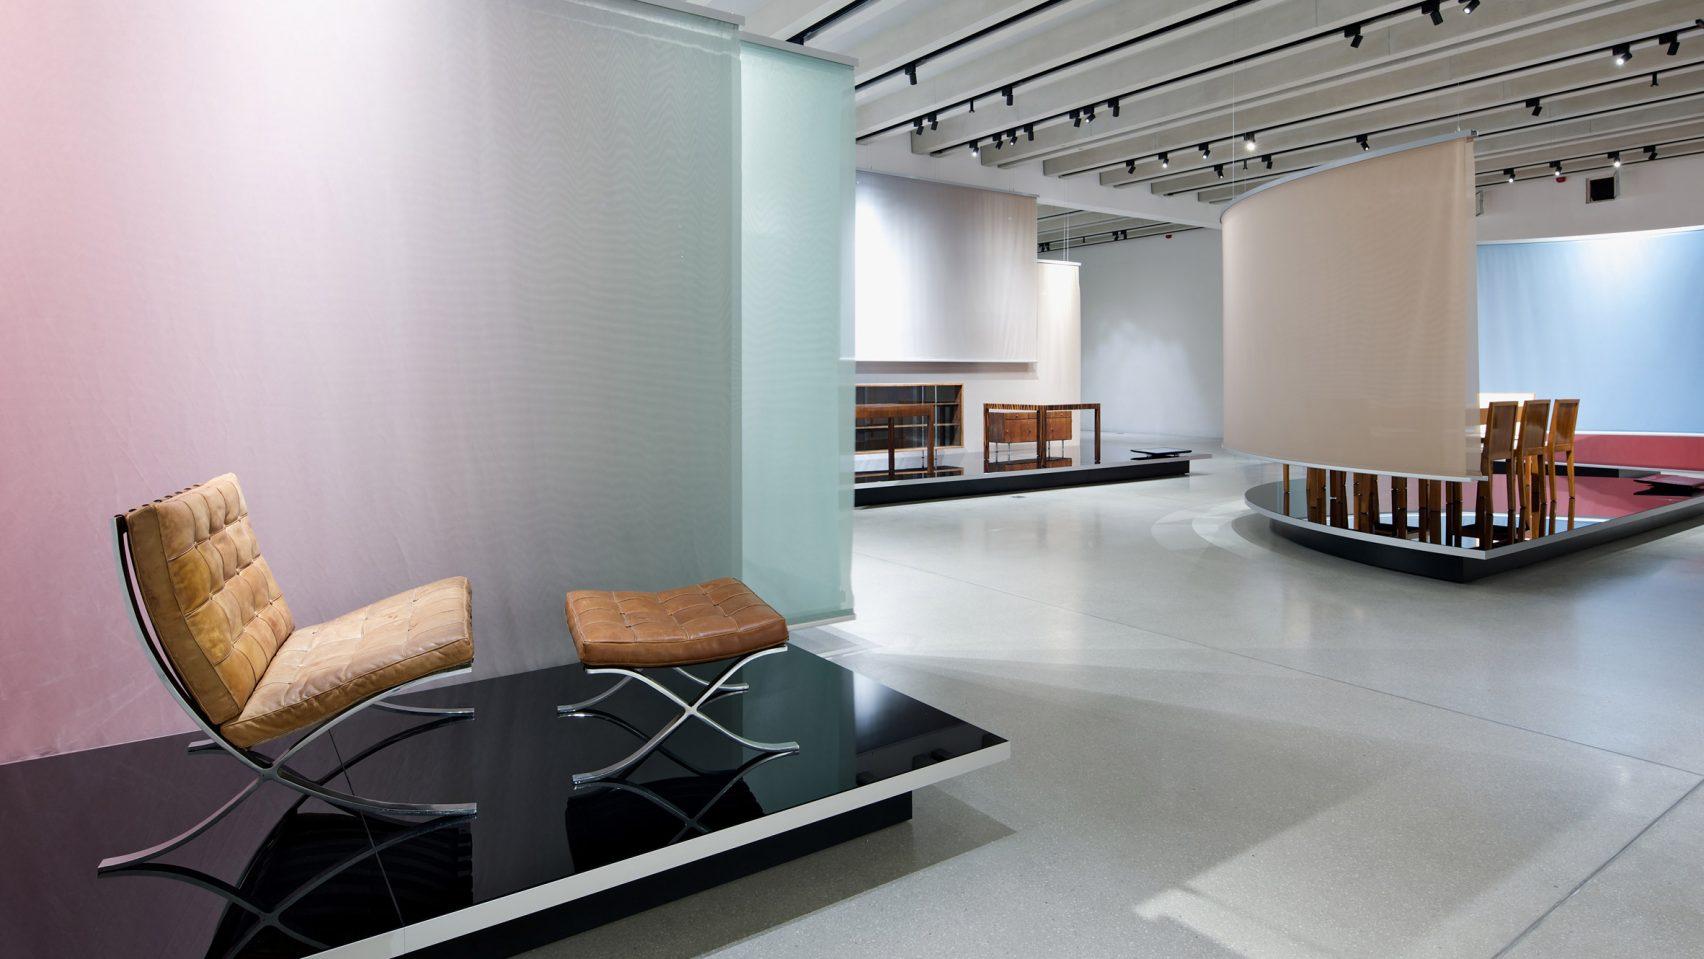 Otwarto Muzeum Bauhausu z okazji 100-lecia założenia słynnej szkoły